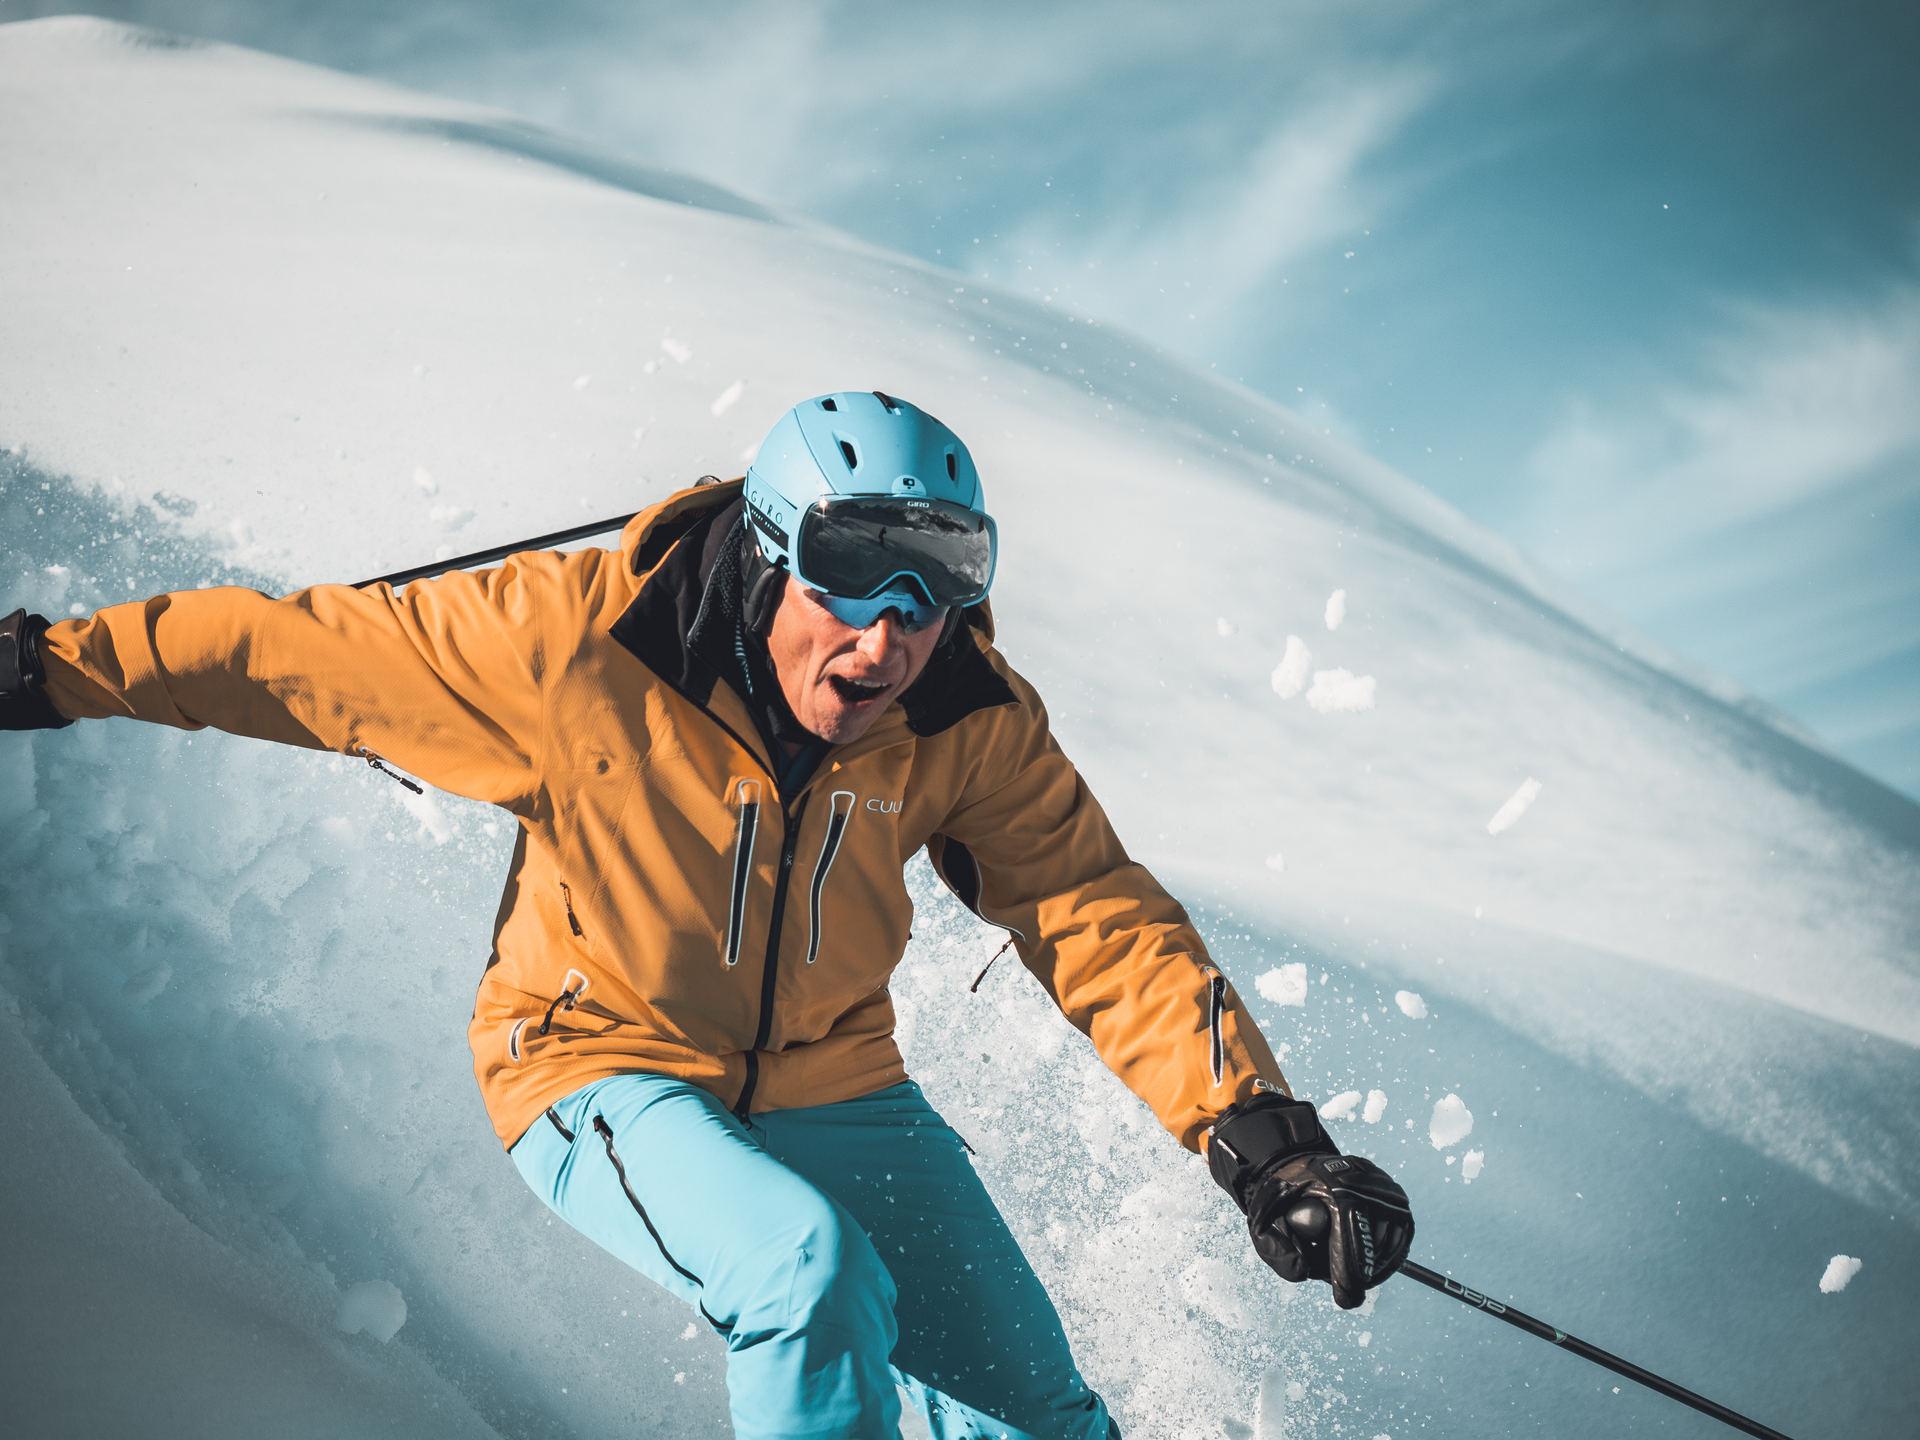 Ski fahrer im Pulverschnee